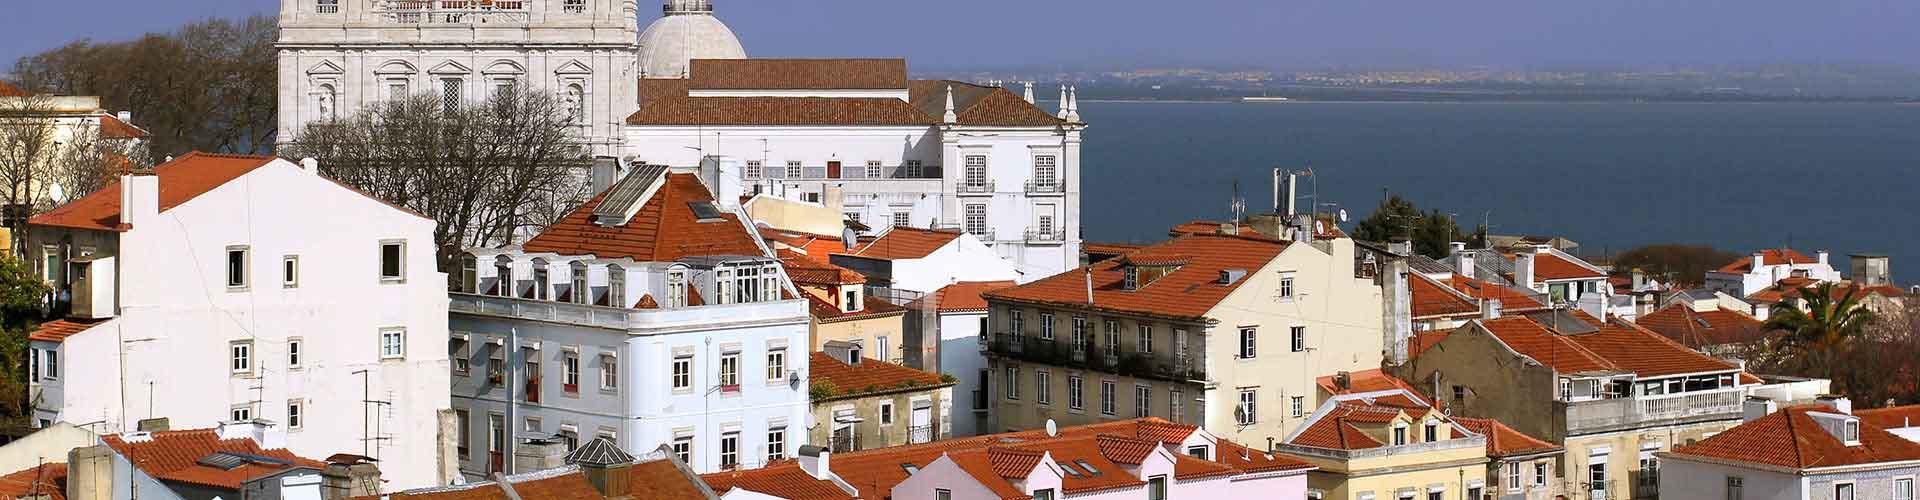 Lisbonne - Camping dans le quartier de Centre. Cartes pour Lisbonne, photos et commentaires pour chaque camping à Lisbonne.